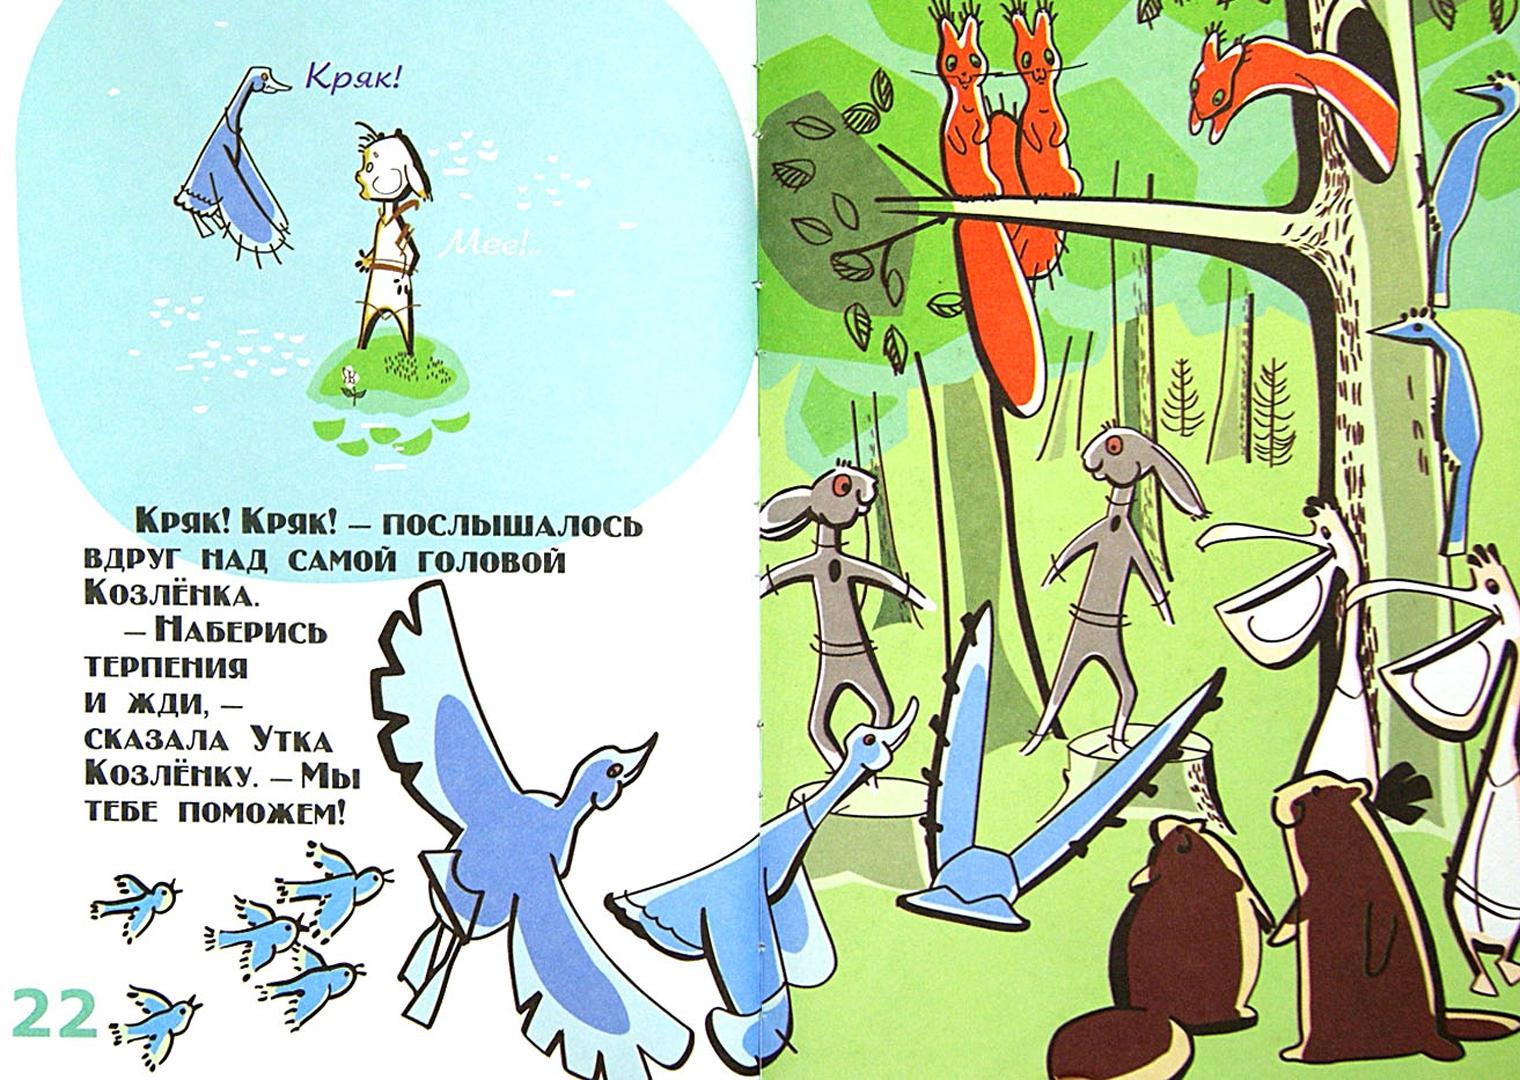 Иллюстрация 1 из 3 для Козлёнок - Сергей Михалков | Лабиринт - книги. Источник: Лабиринт